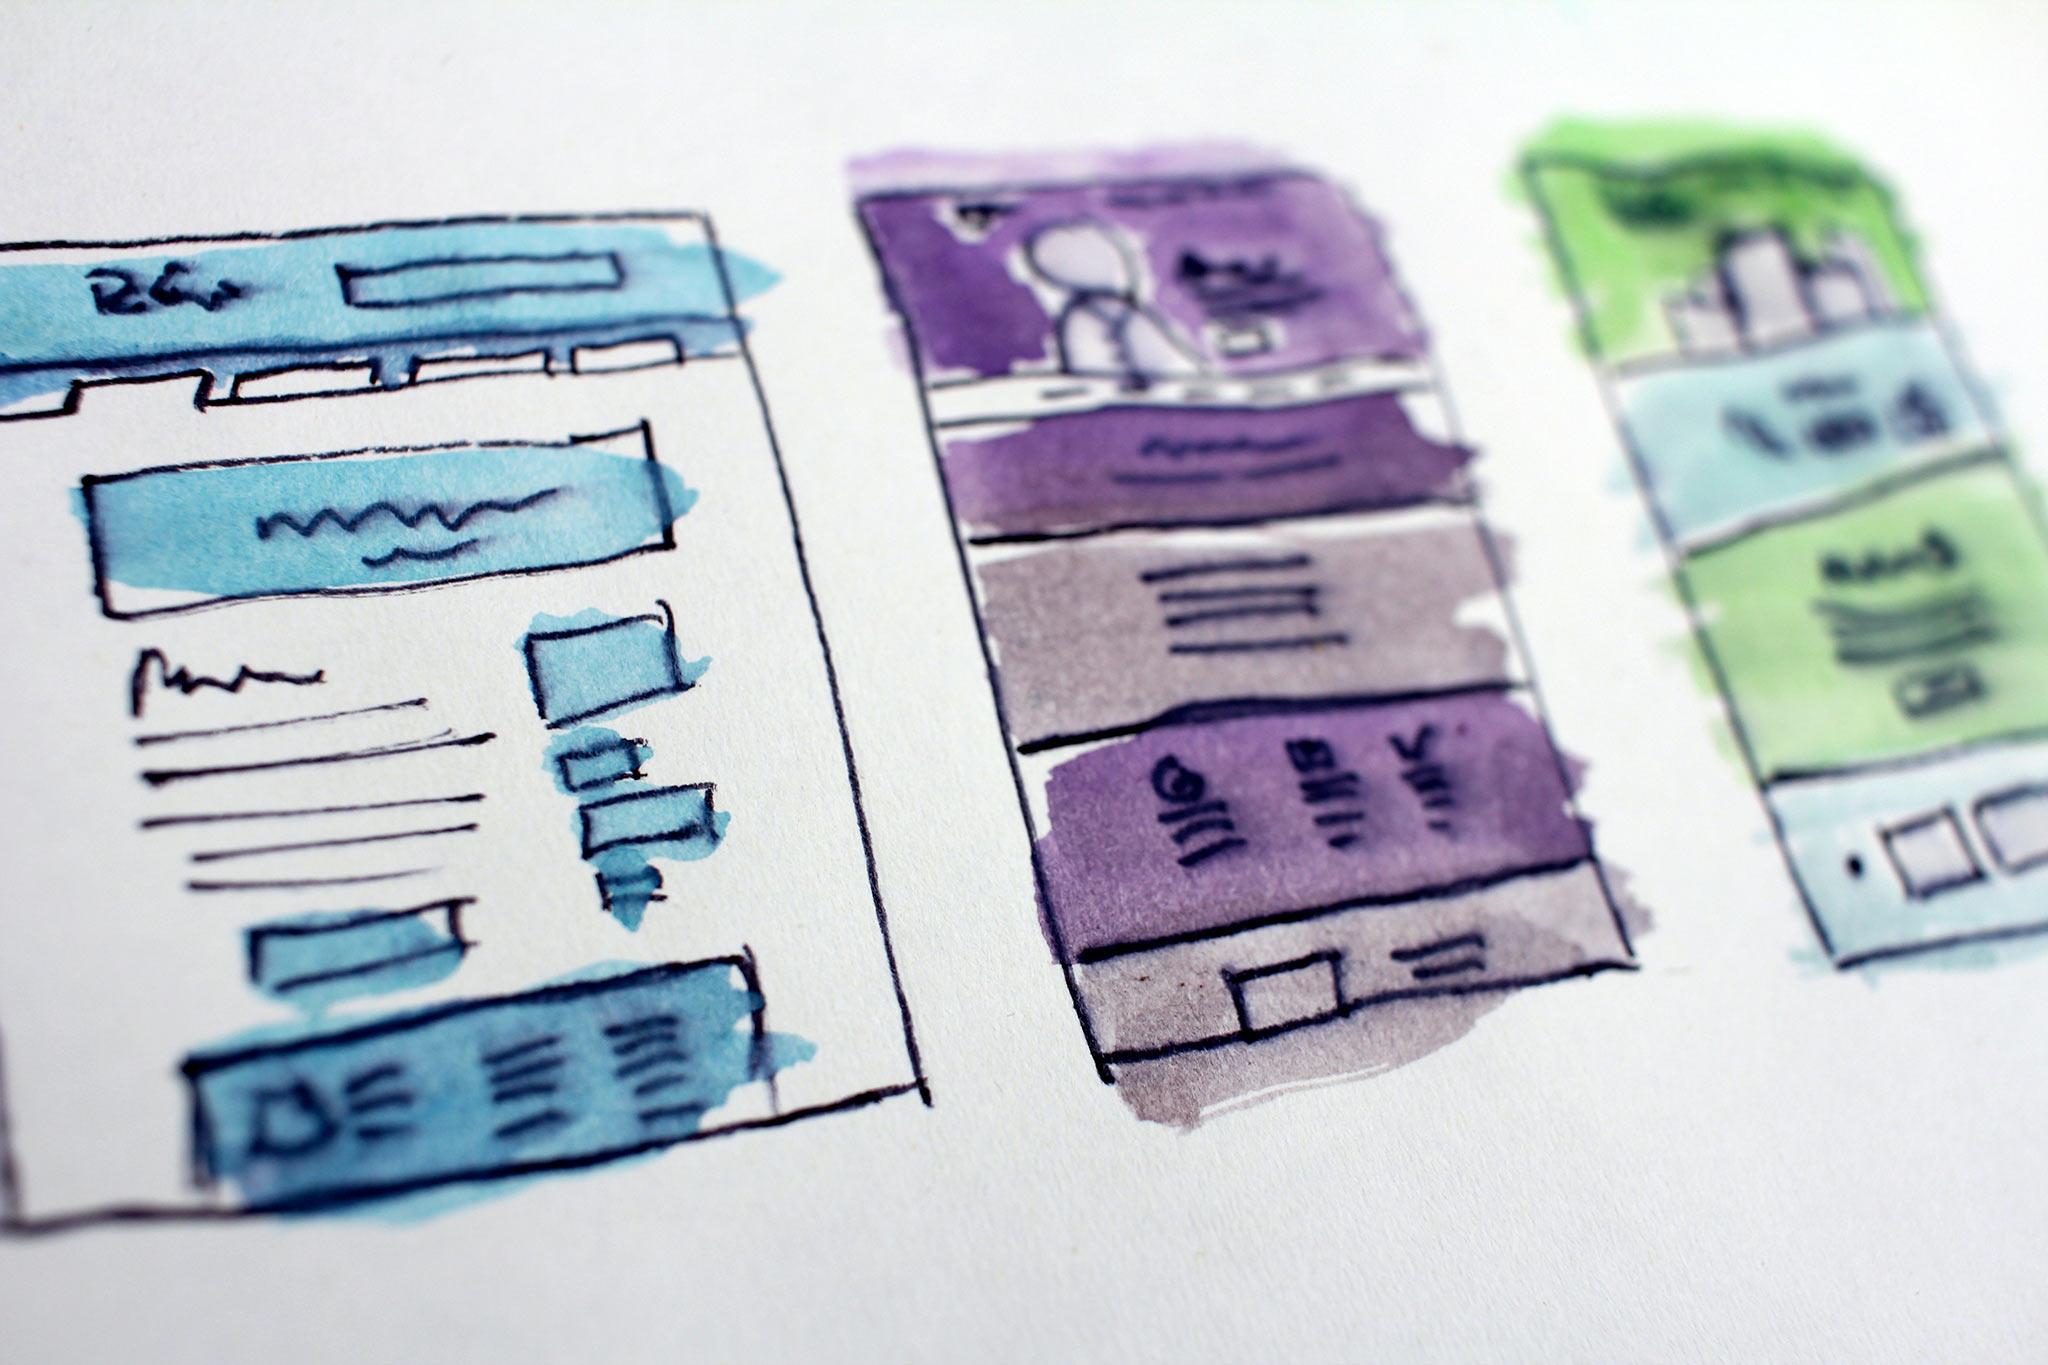 Mobil uyumlu site nasıl yapılır responsive tasarım nedir